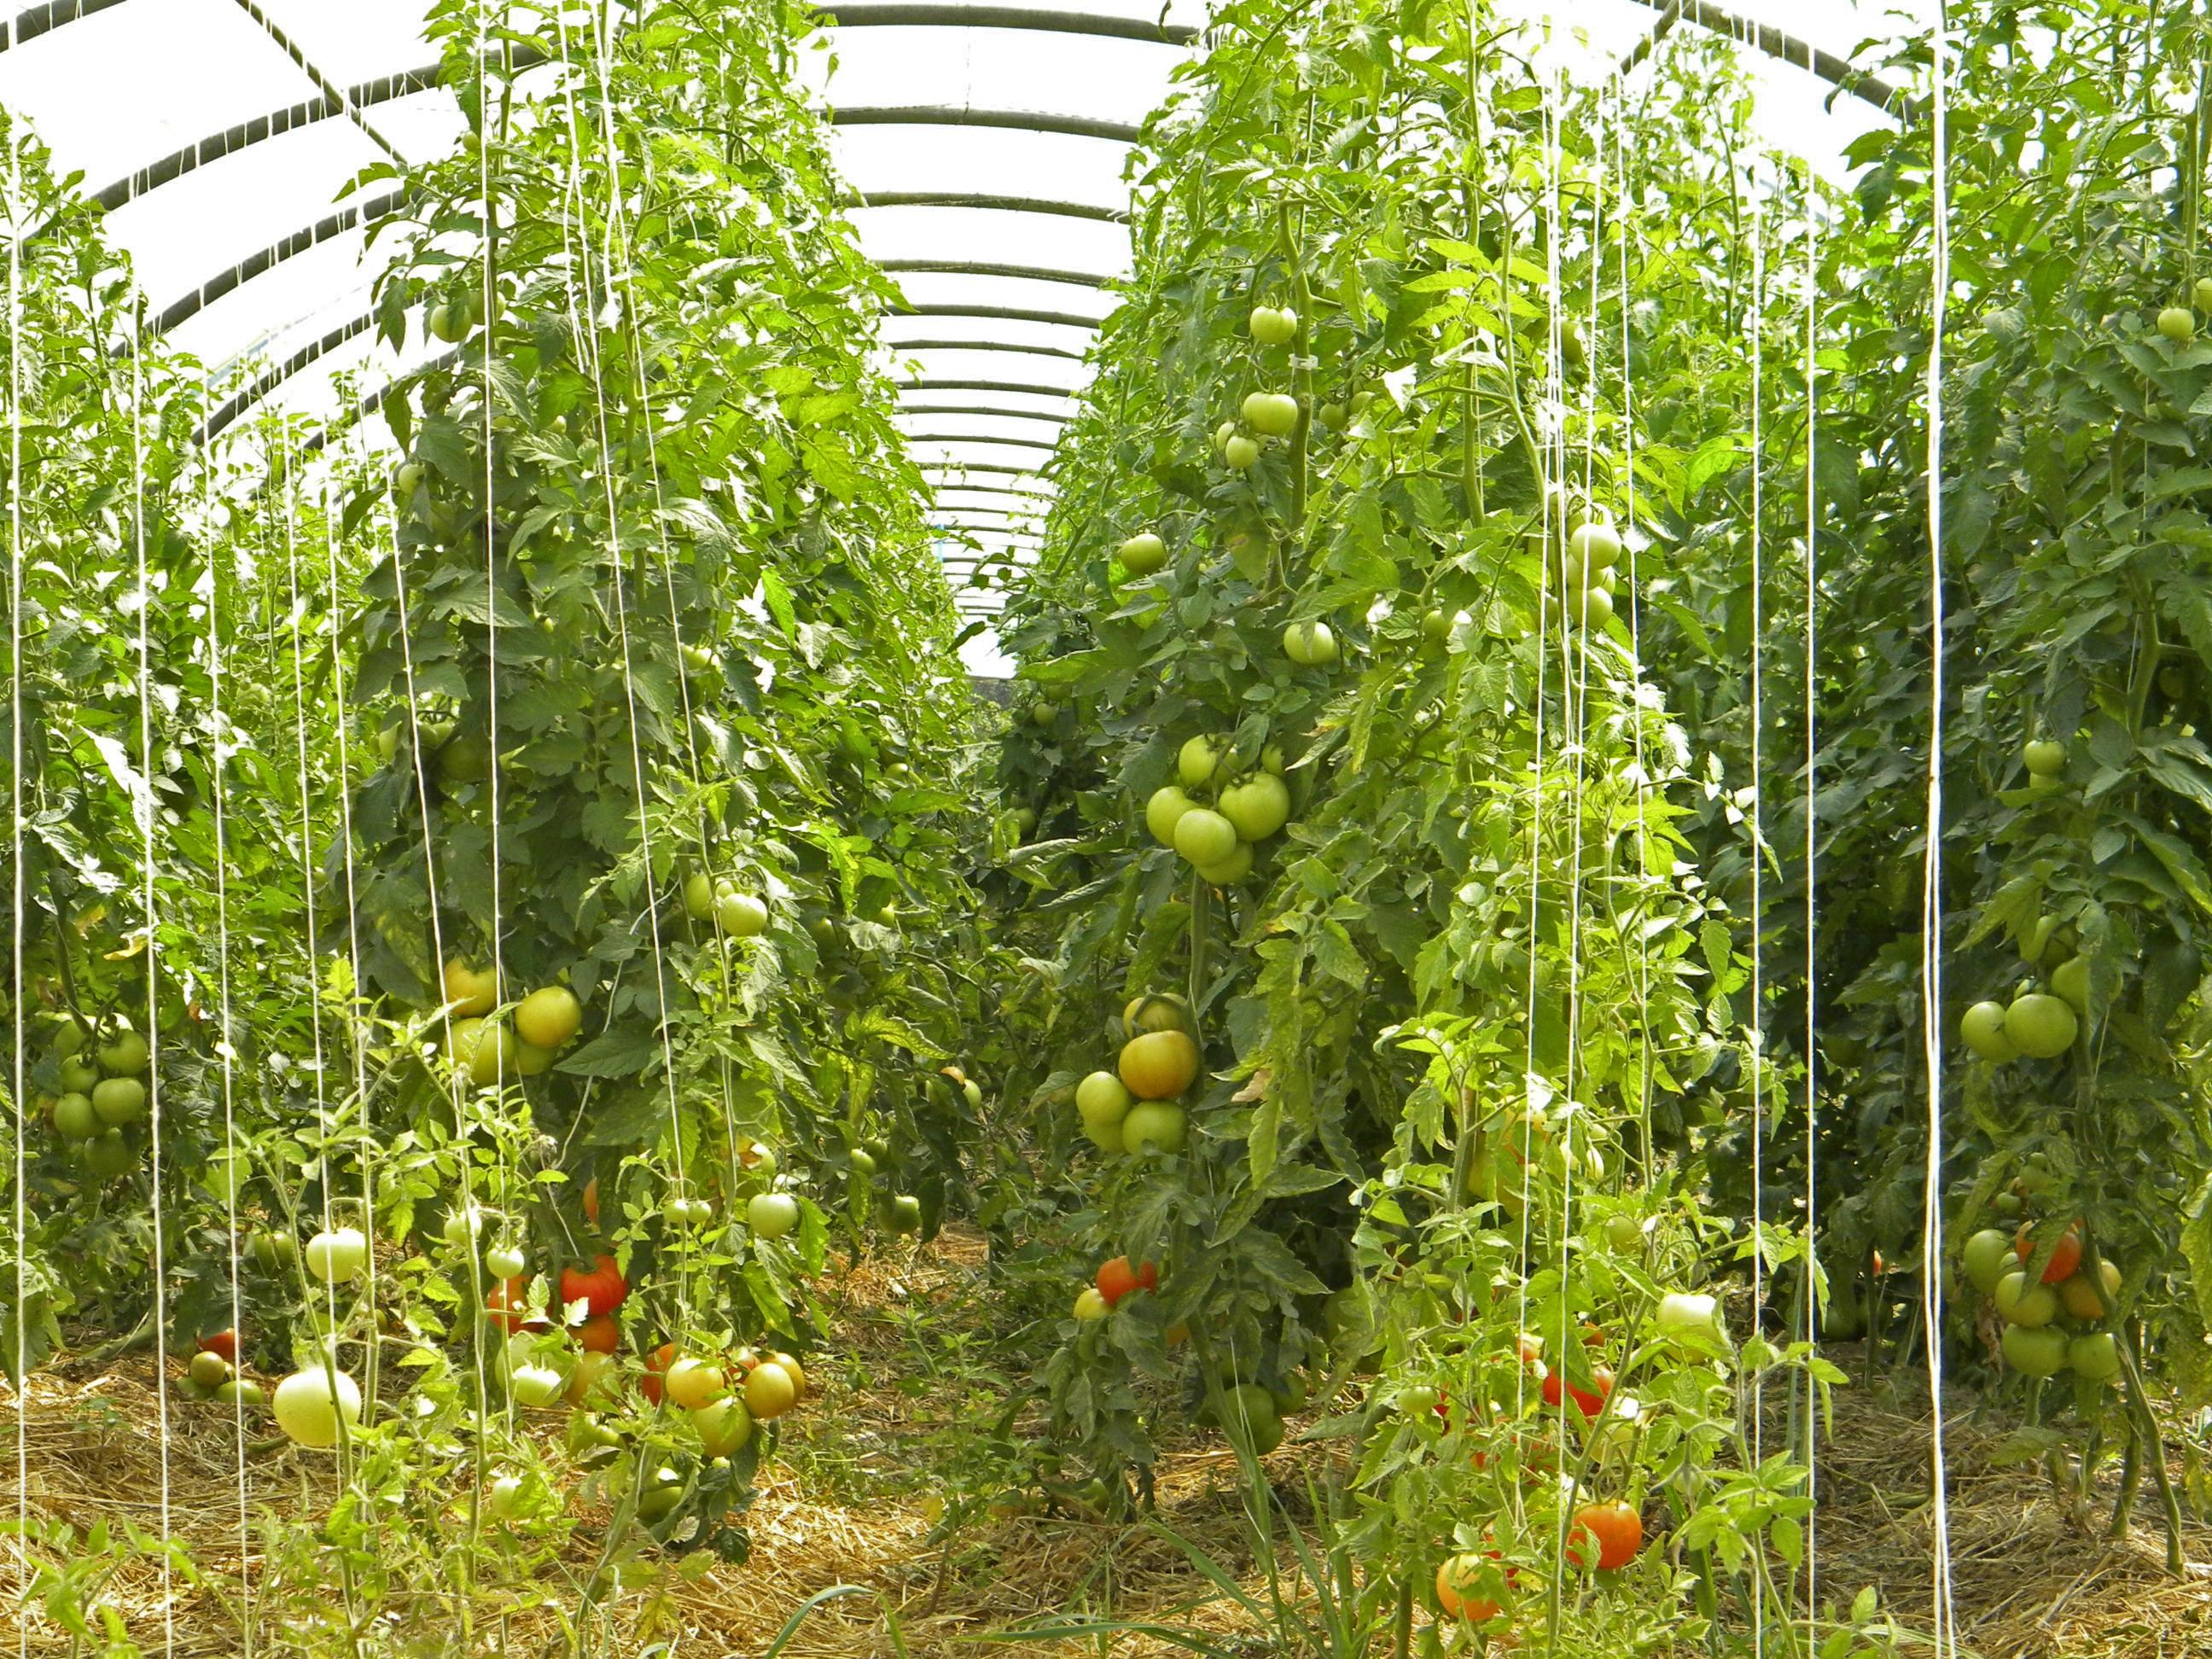 kostenlose foto frucht blume lebensmittel produzieren gem se ernte landwirtschaft. Black Bedroom Furniture Sets. Home Design Ideas